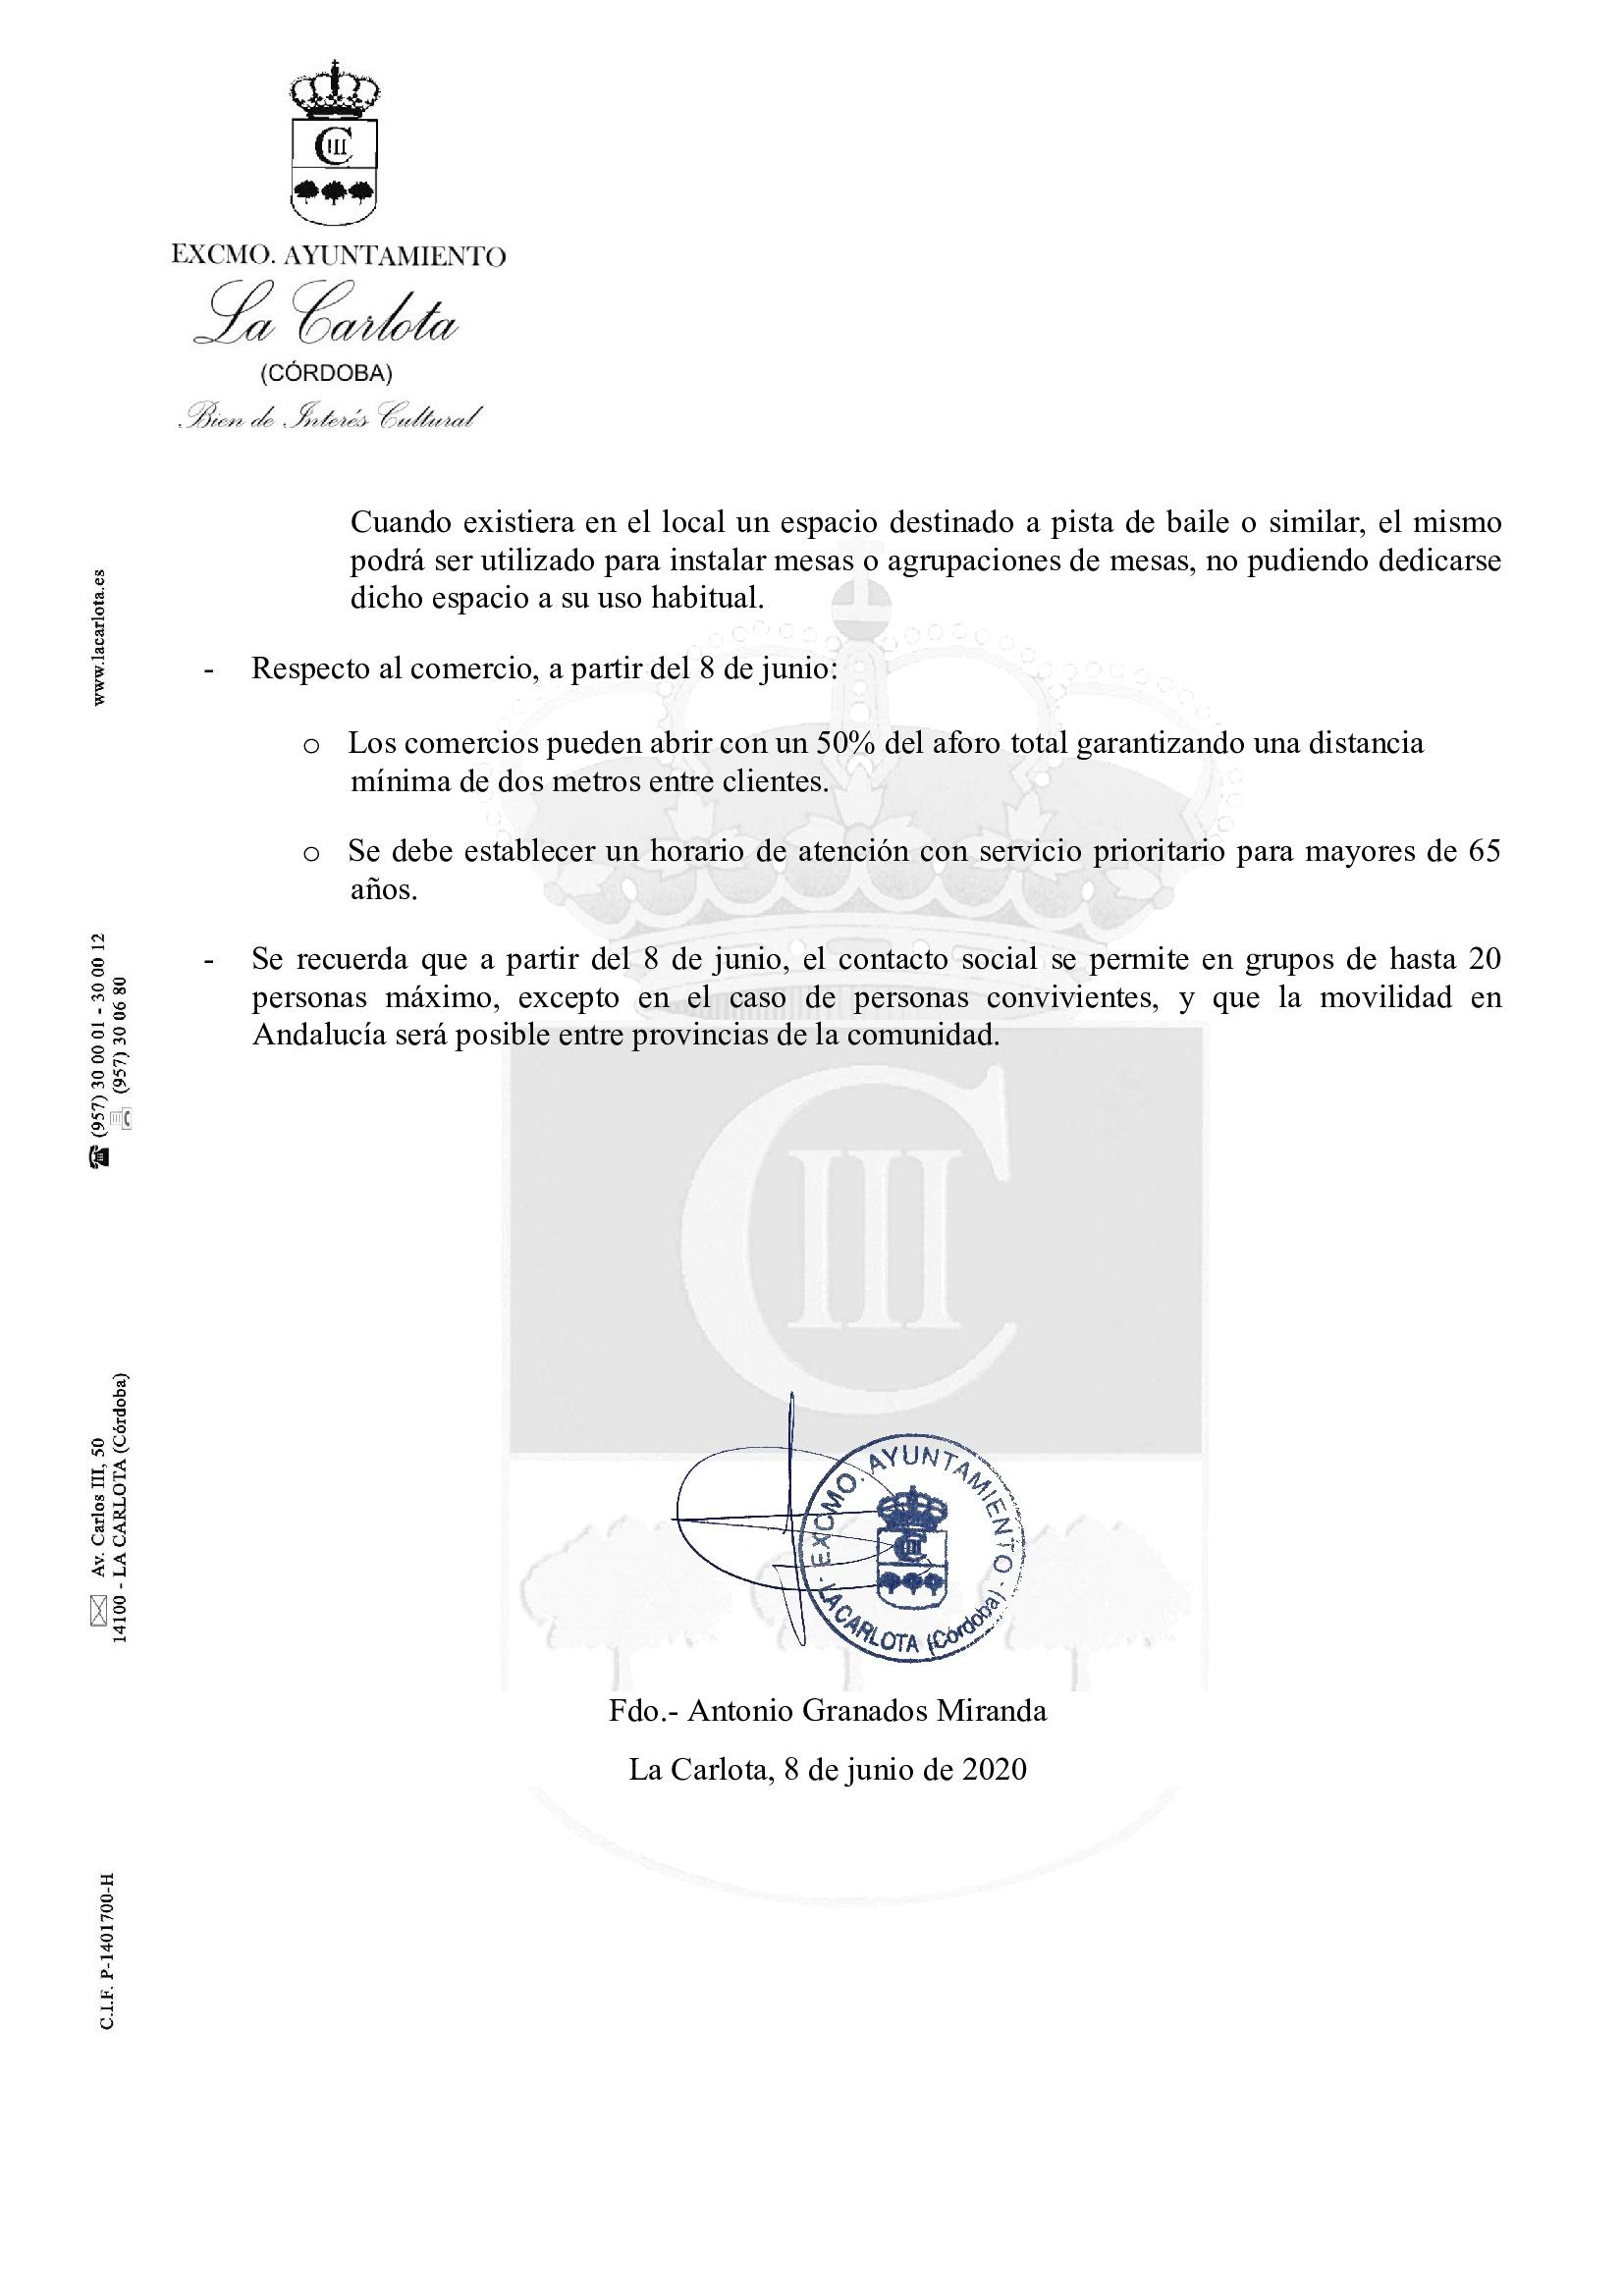 BANDO MUNICIPAL  ANTONIO GRANADOS MIRANDA ALCALDE – PRESIDENTE DEL  AYUNTAMIENTO DE LA CARLOTA 2